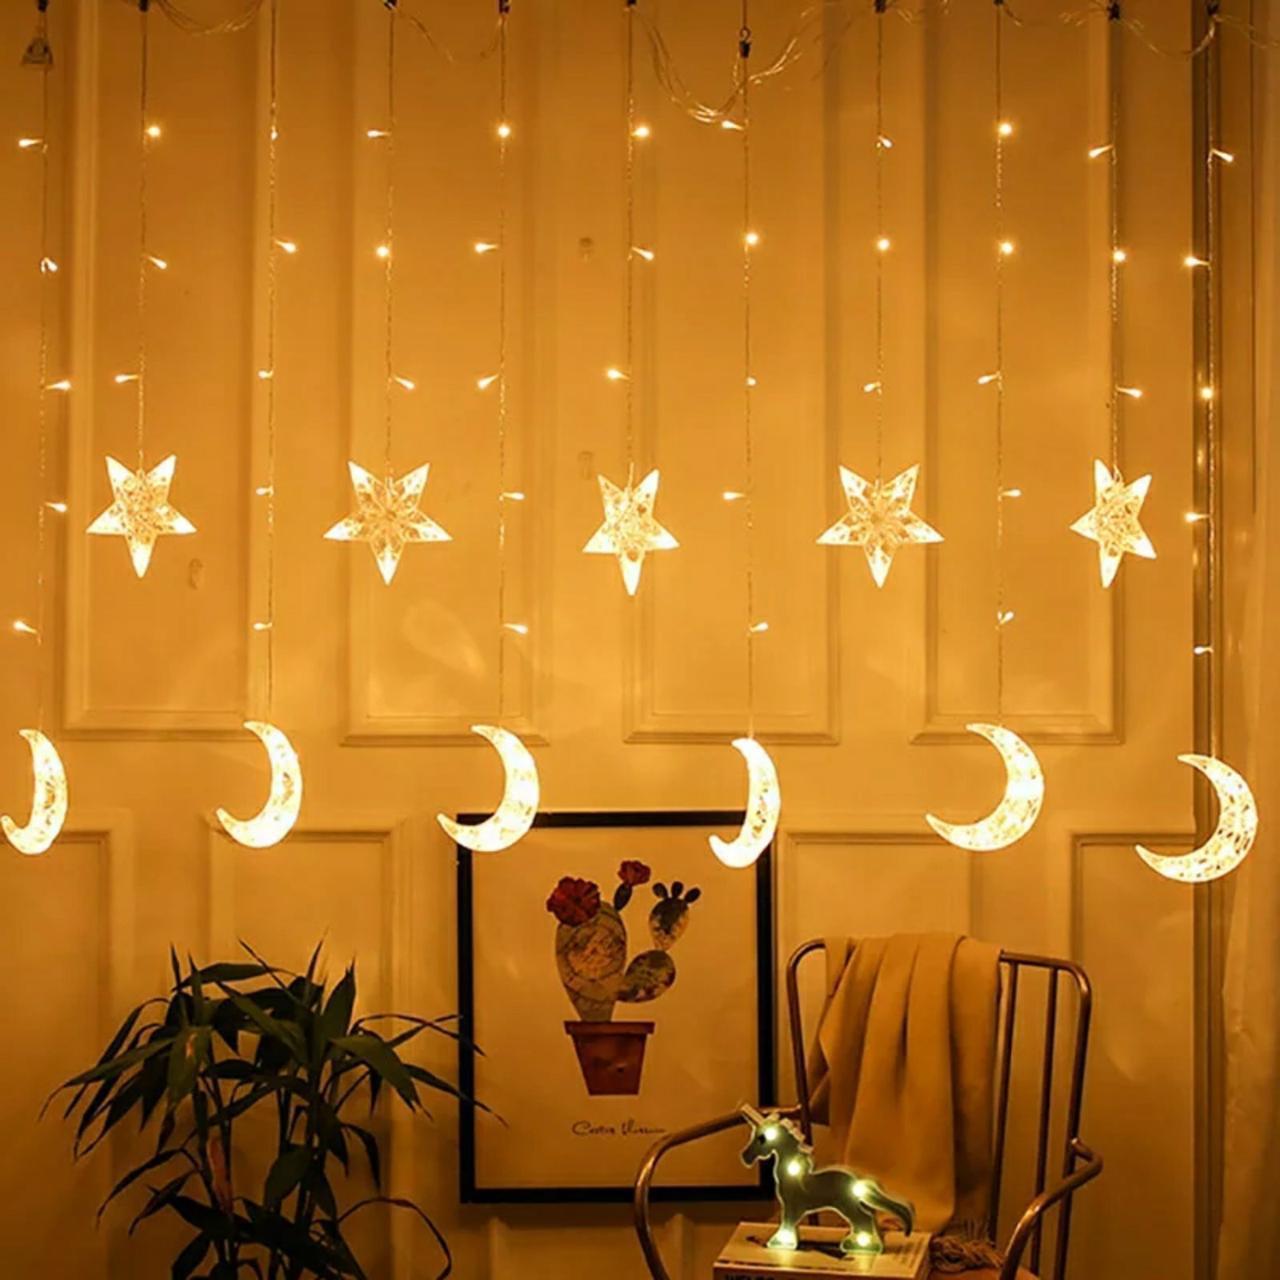 """Нічник в кімнату """"Місяць і зірки"""" 138 LED, 3 м, Теплий білий, від мережі, 8 режимів"""